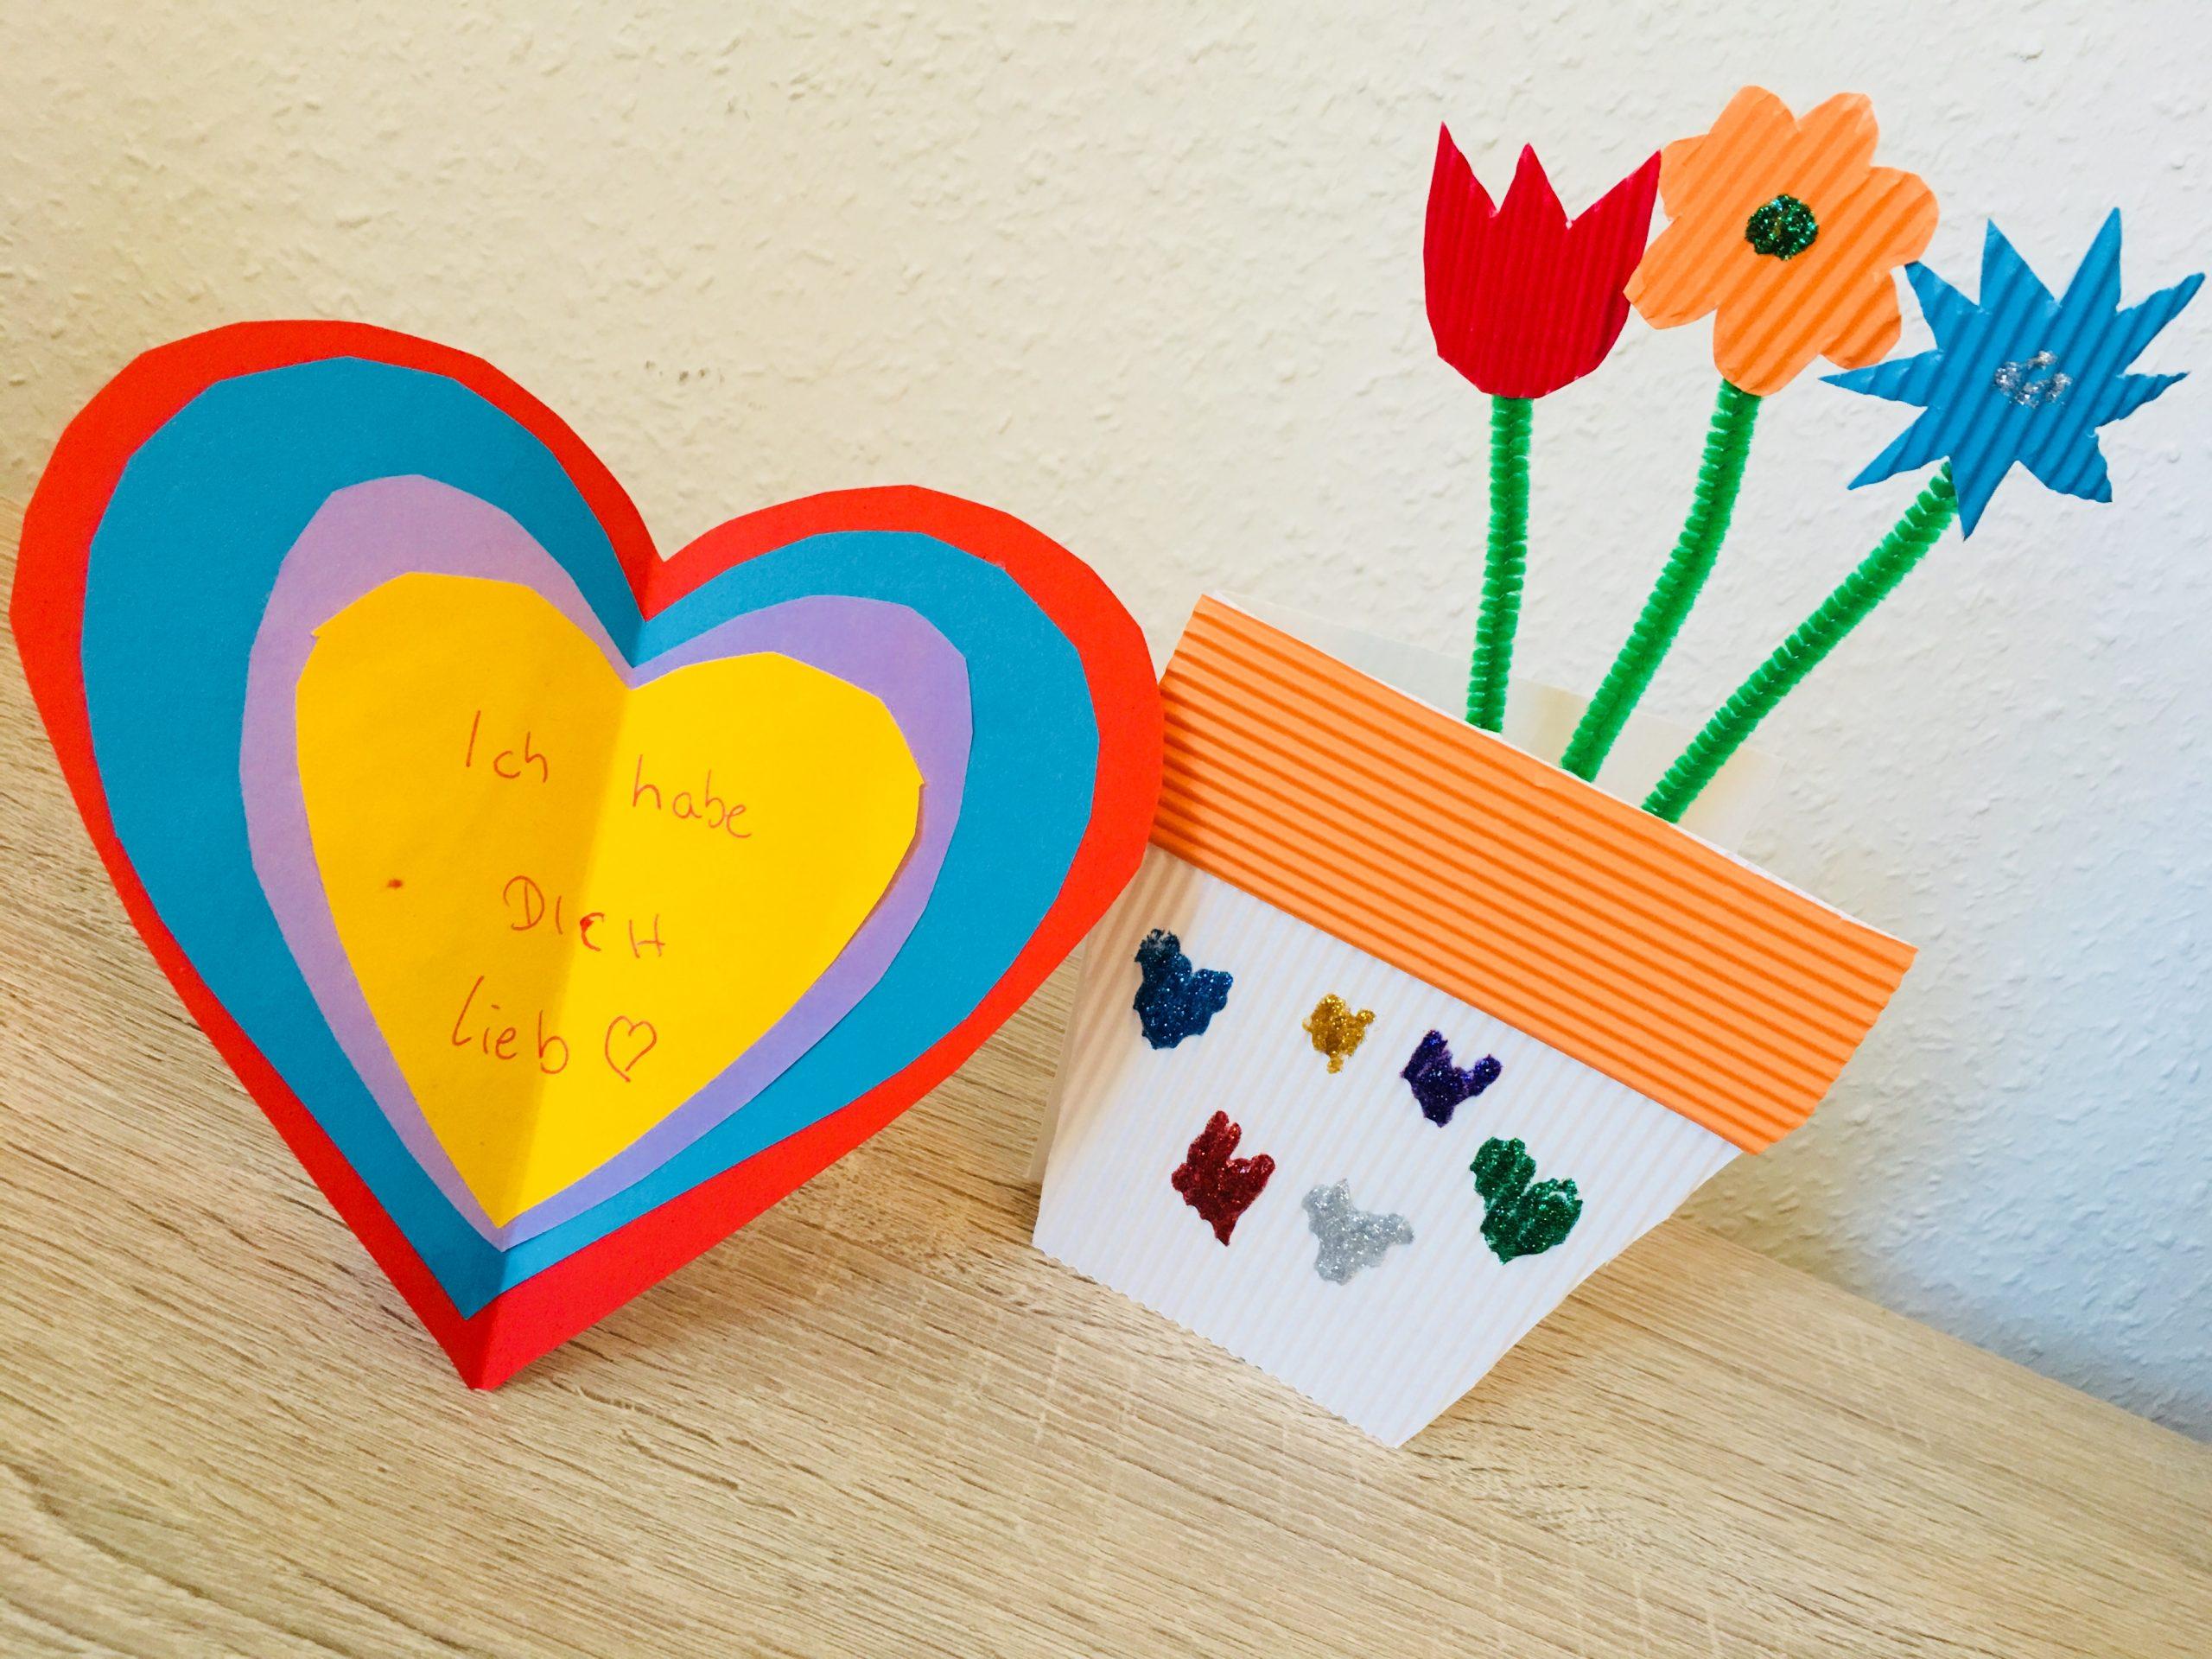 Karten Für Den Muttertag Basteln Mit Kindern | Der bei Muttertagsgeschenk Basteln Kleinkinder